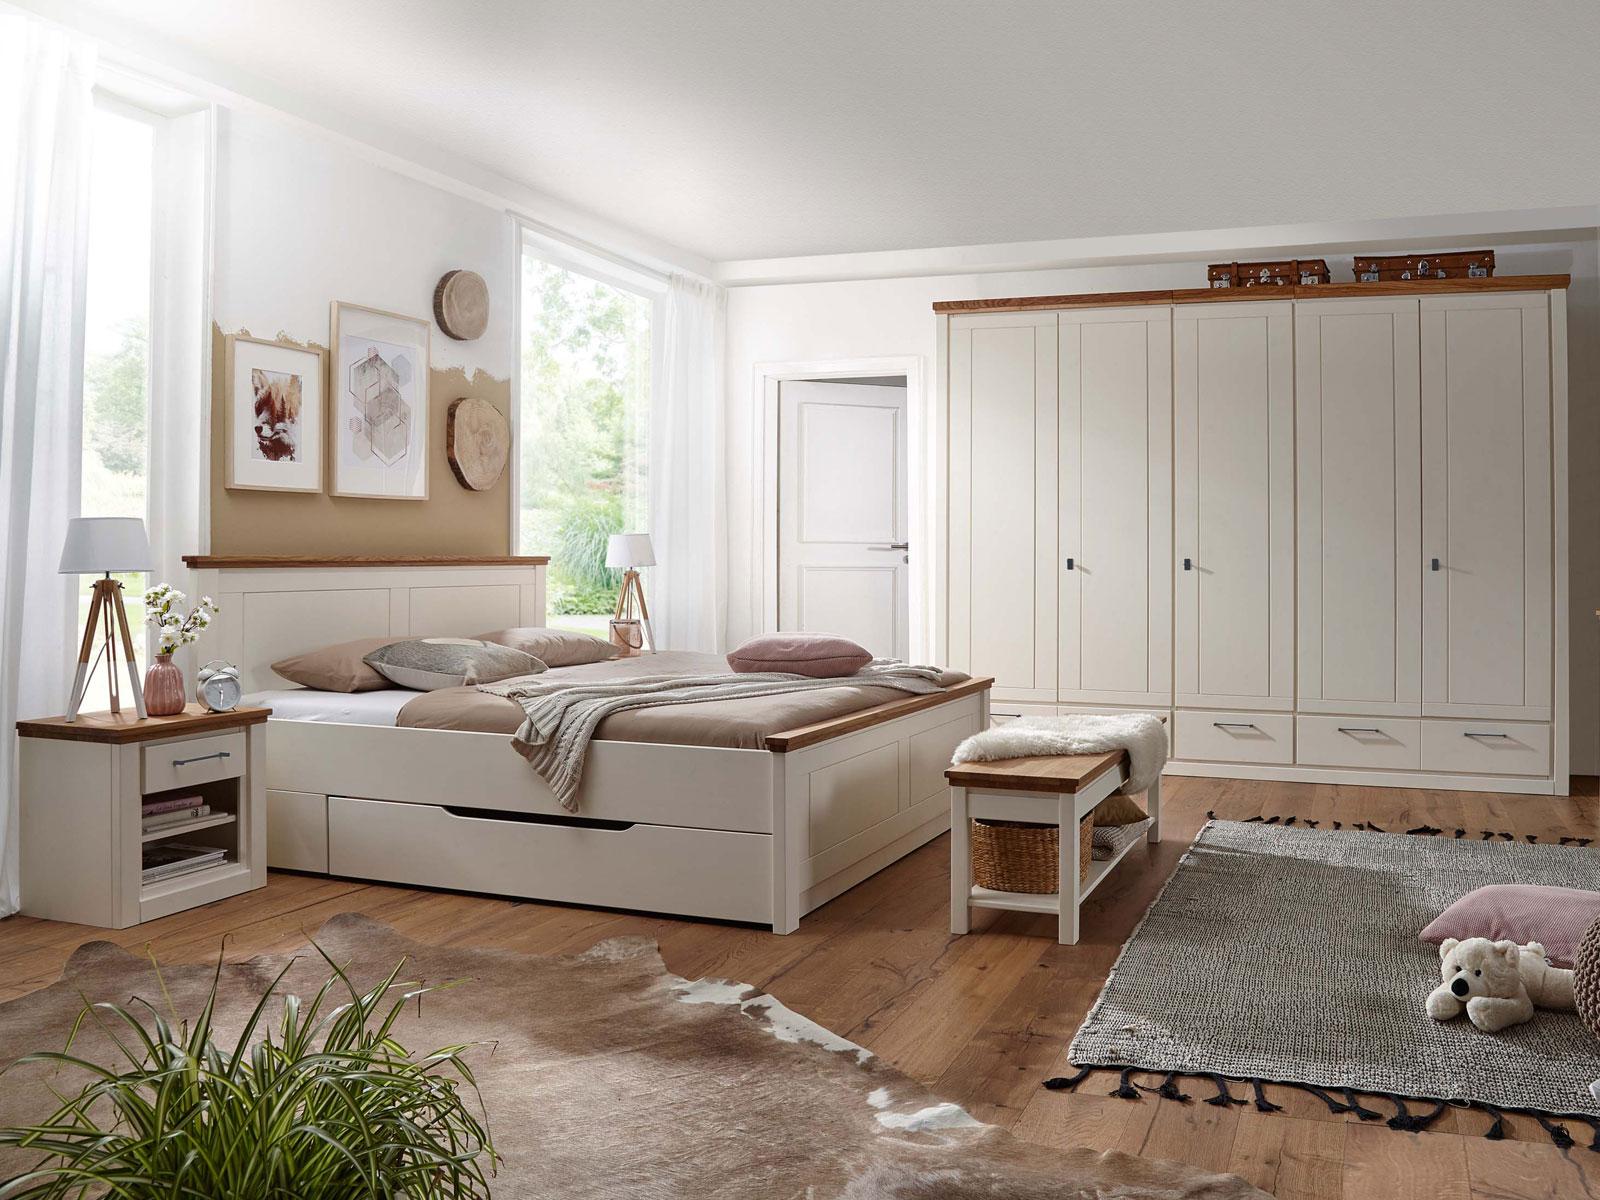 Günstige Schlafzimmer Komplett : schlafzimmer komplett provence bett kleiderschrank ~ Watch28wear.com Haus und Dekorationen